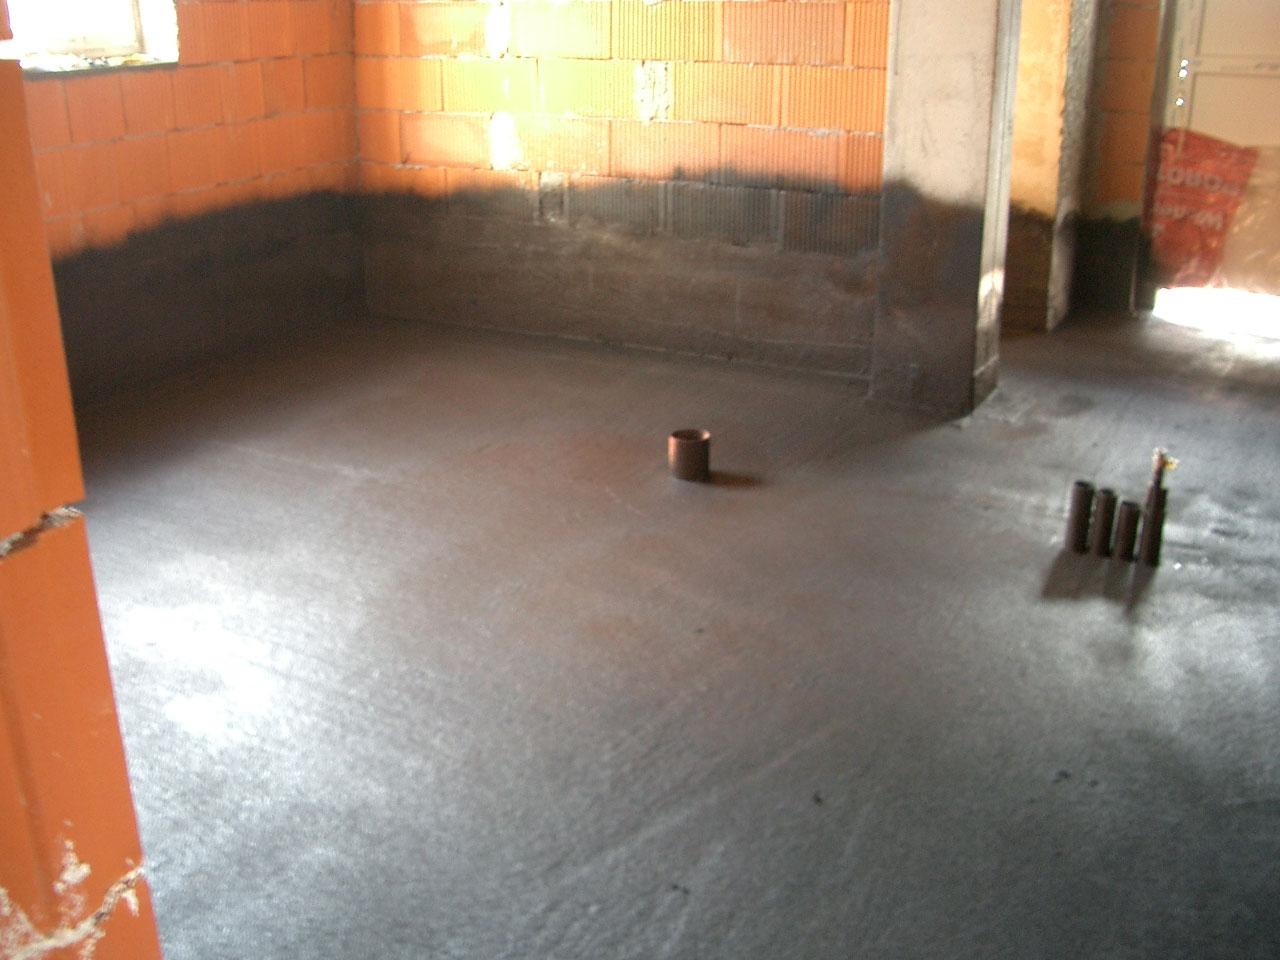 Obmazochny hydroizolačná podlaha cena